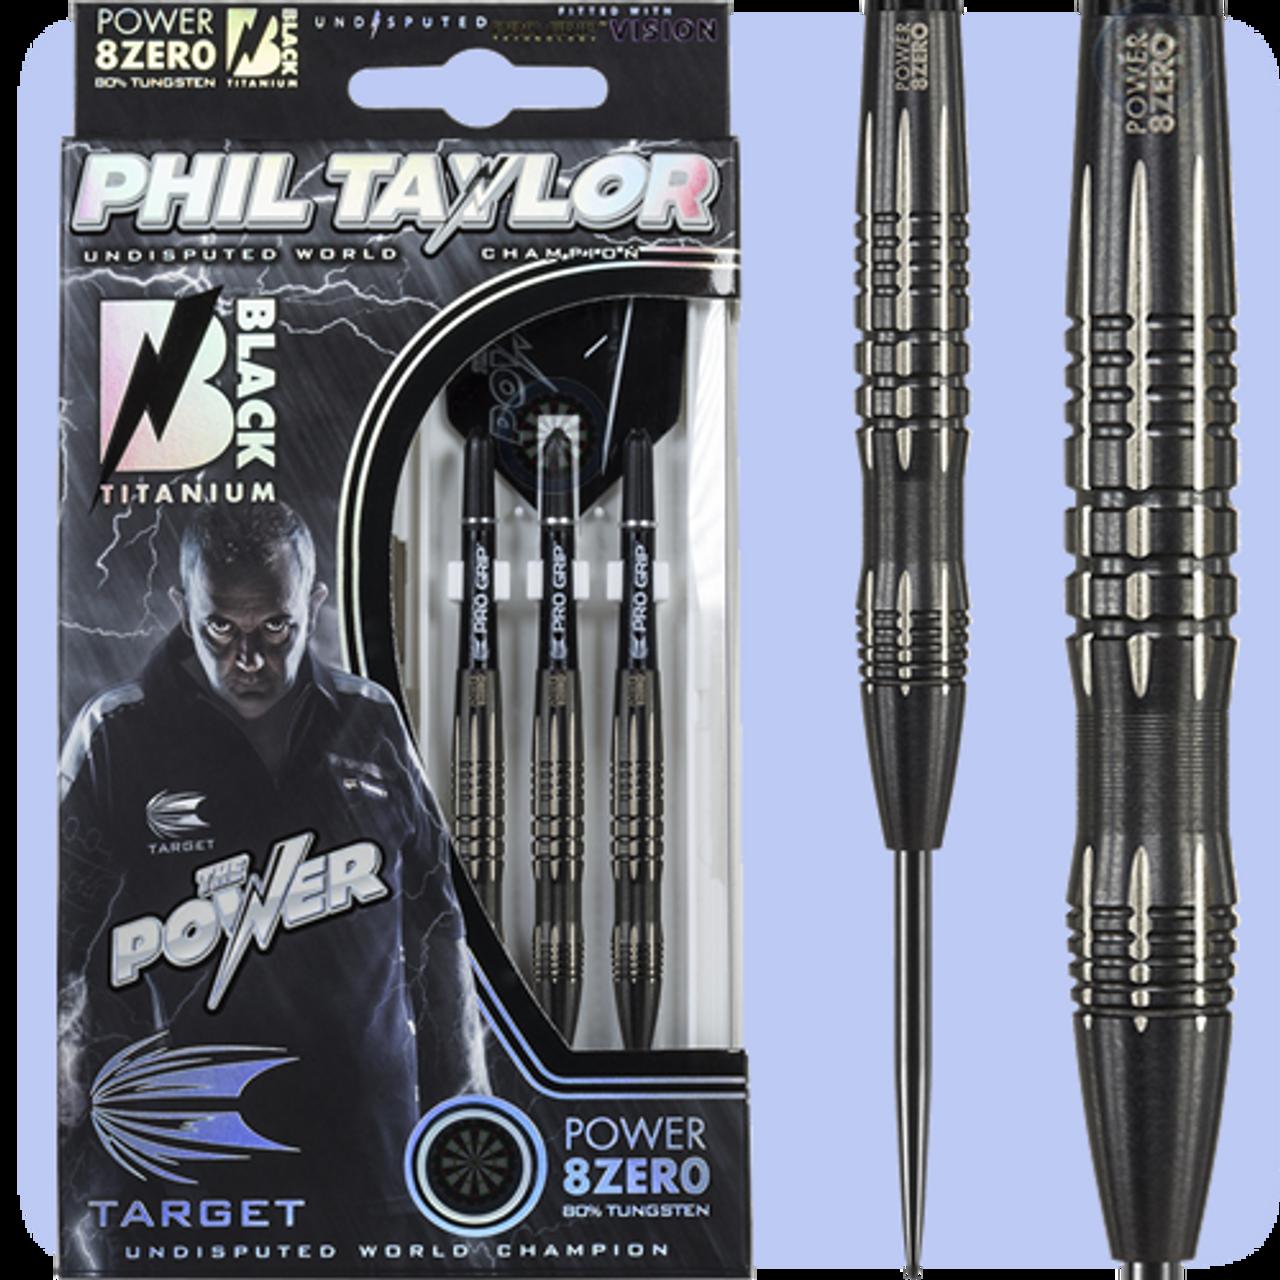 Target Darts Phil Taylor Power 8-Zero Schwarz 80/% Wolfram Steeldarts-Set